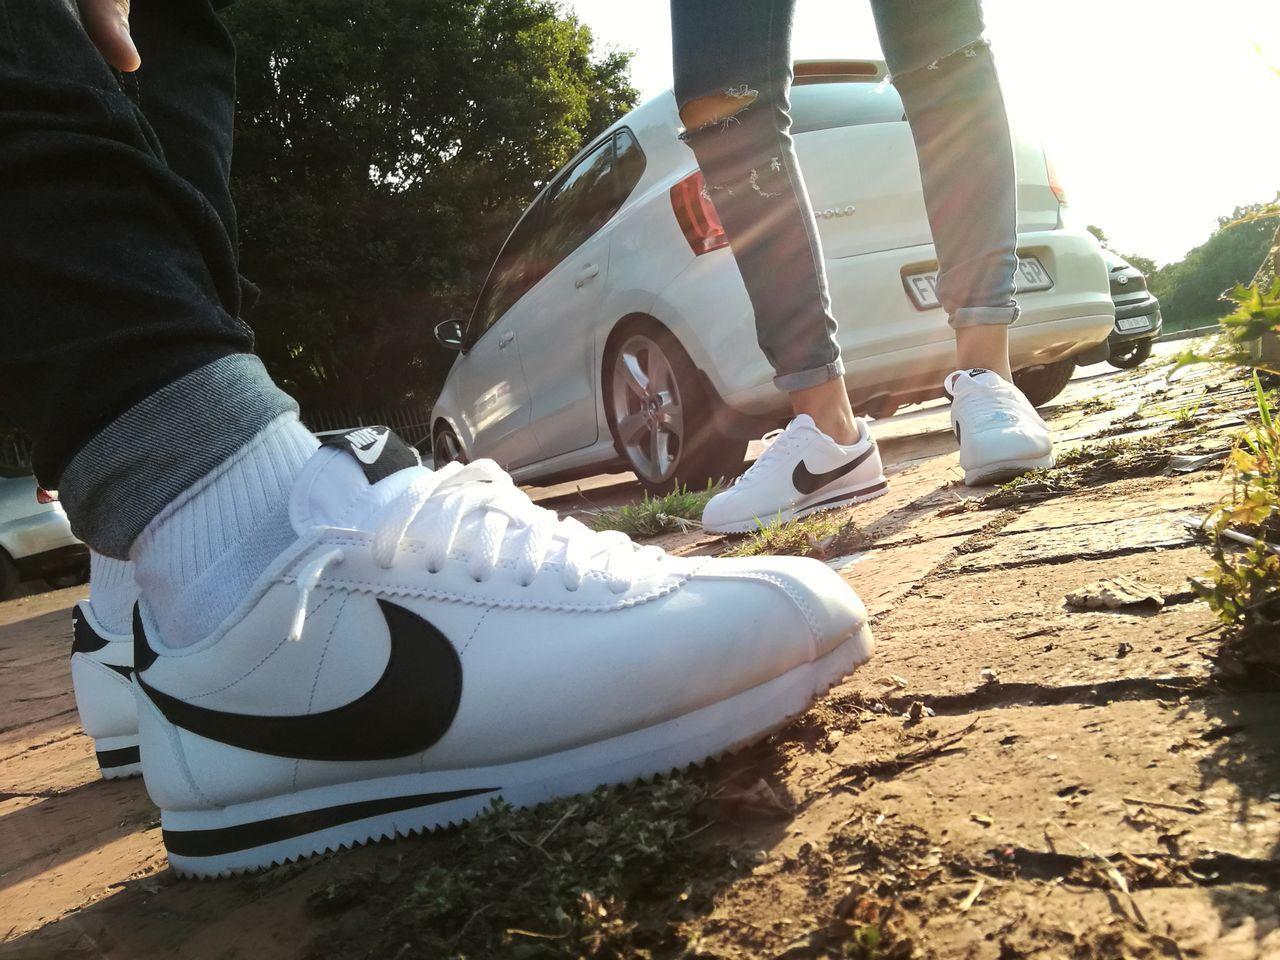 Casual. Sneakerhead  Sneakers Sneakerheads Cortez  Nike✔ Double Trouble Monochrome First Eyeem Photo